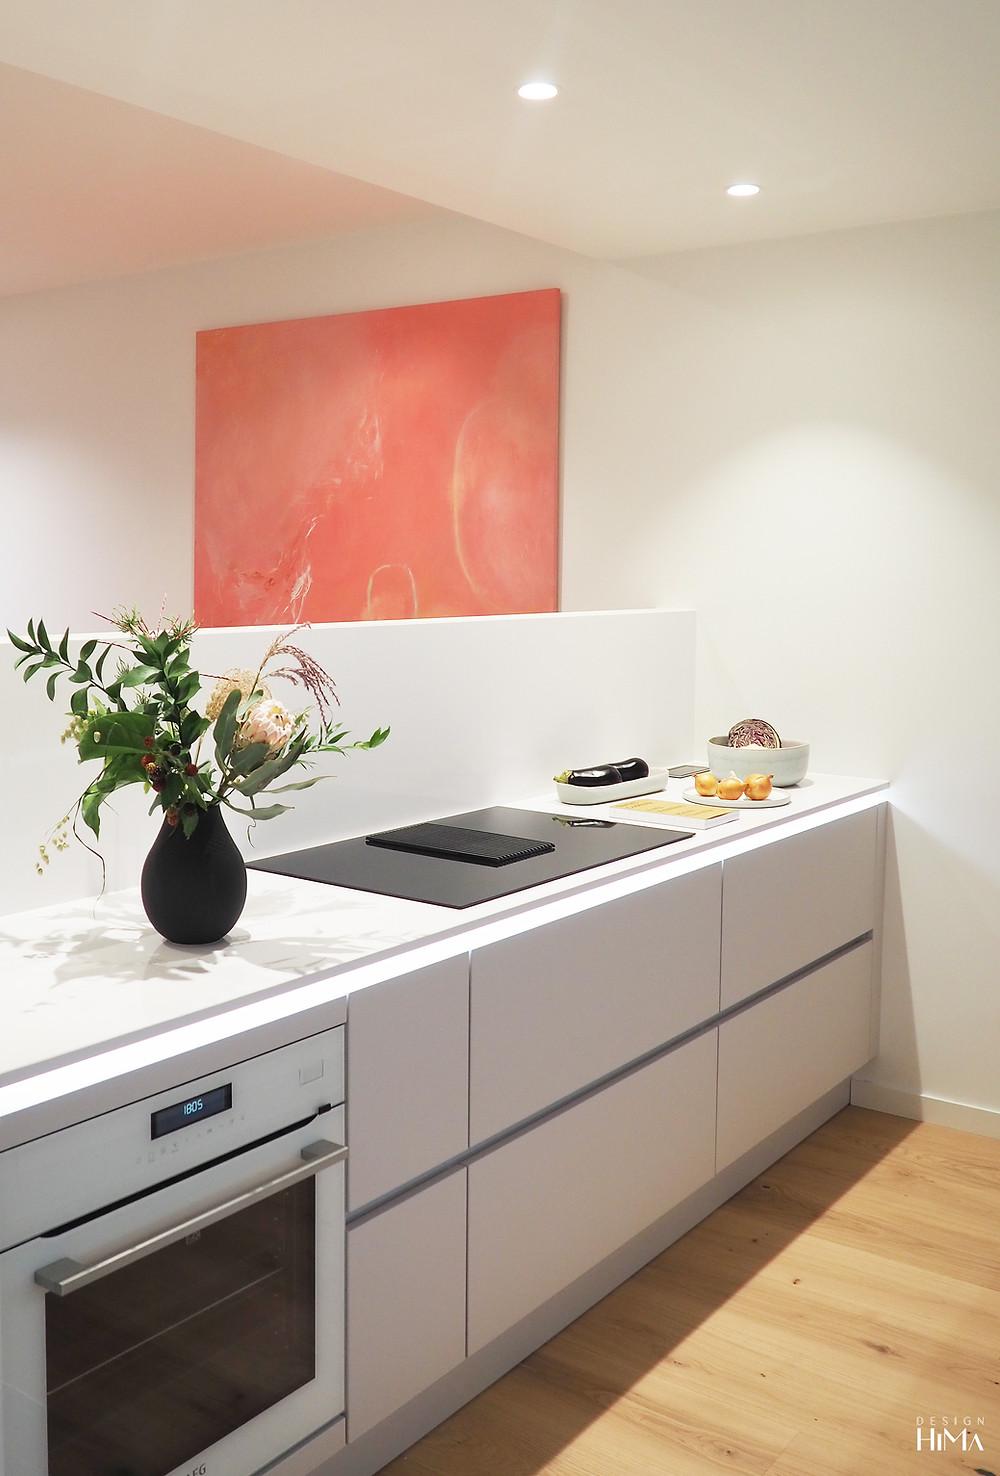 Duplio Aalto keittiö